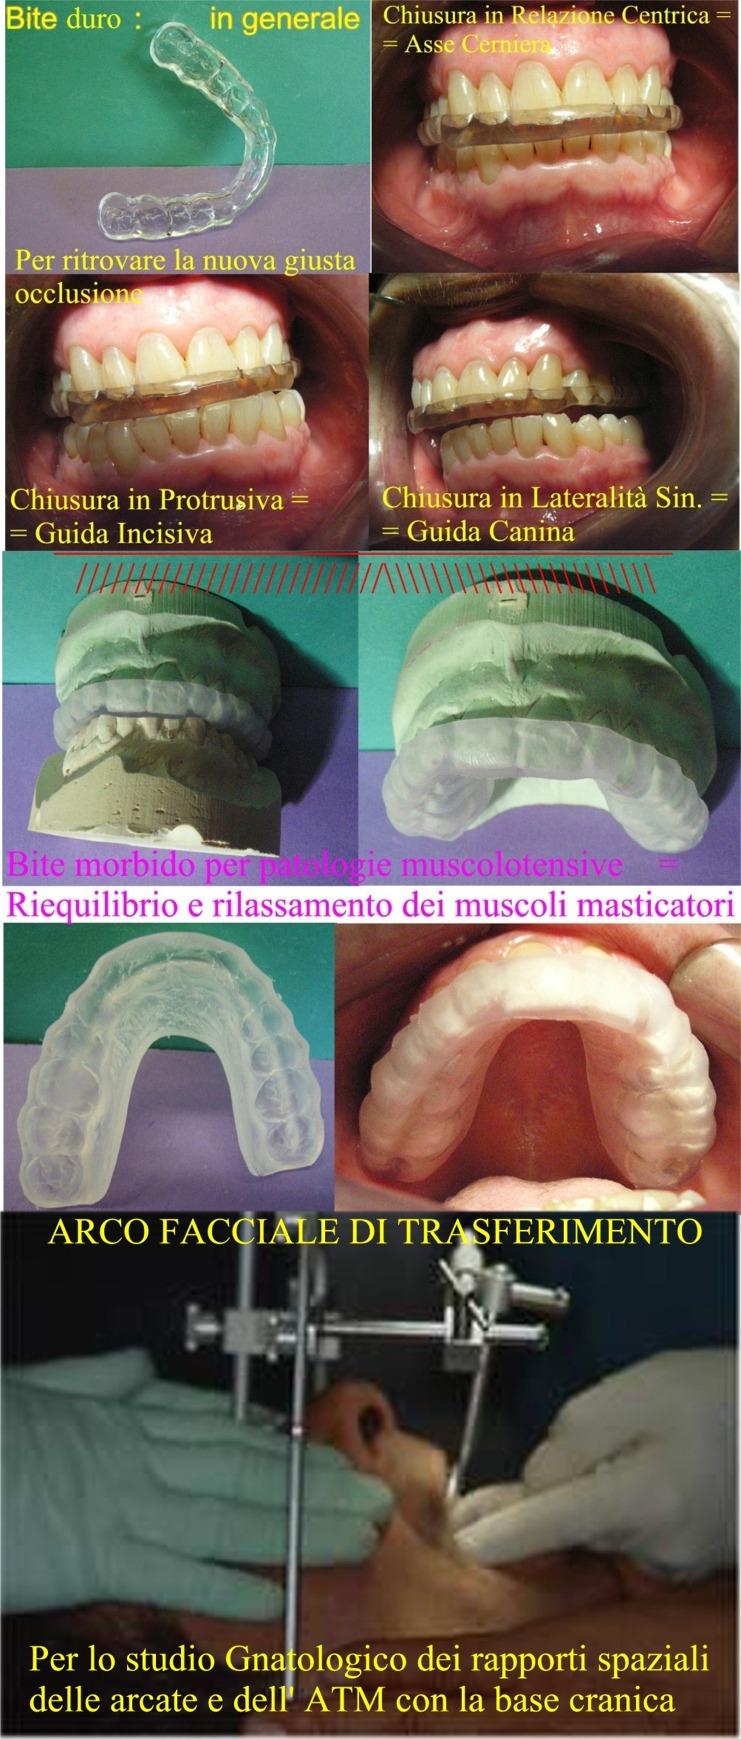 Diversi tipi di bite e Arco Facciale di Trasferimento per il completamento della valutazione Gnatologica della bocca. Da casistica del Dottor Gustavo Petti Parodontologo Gnatologo di Cagliari